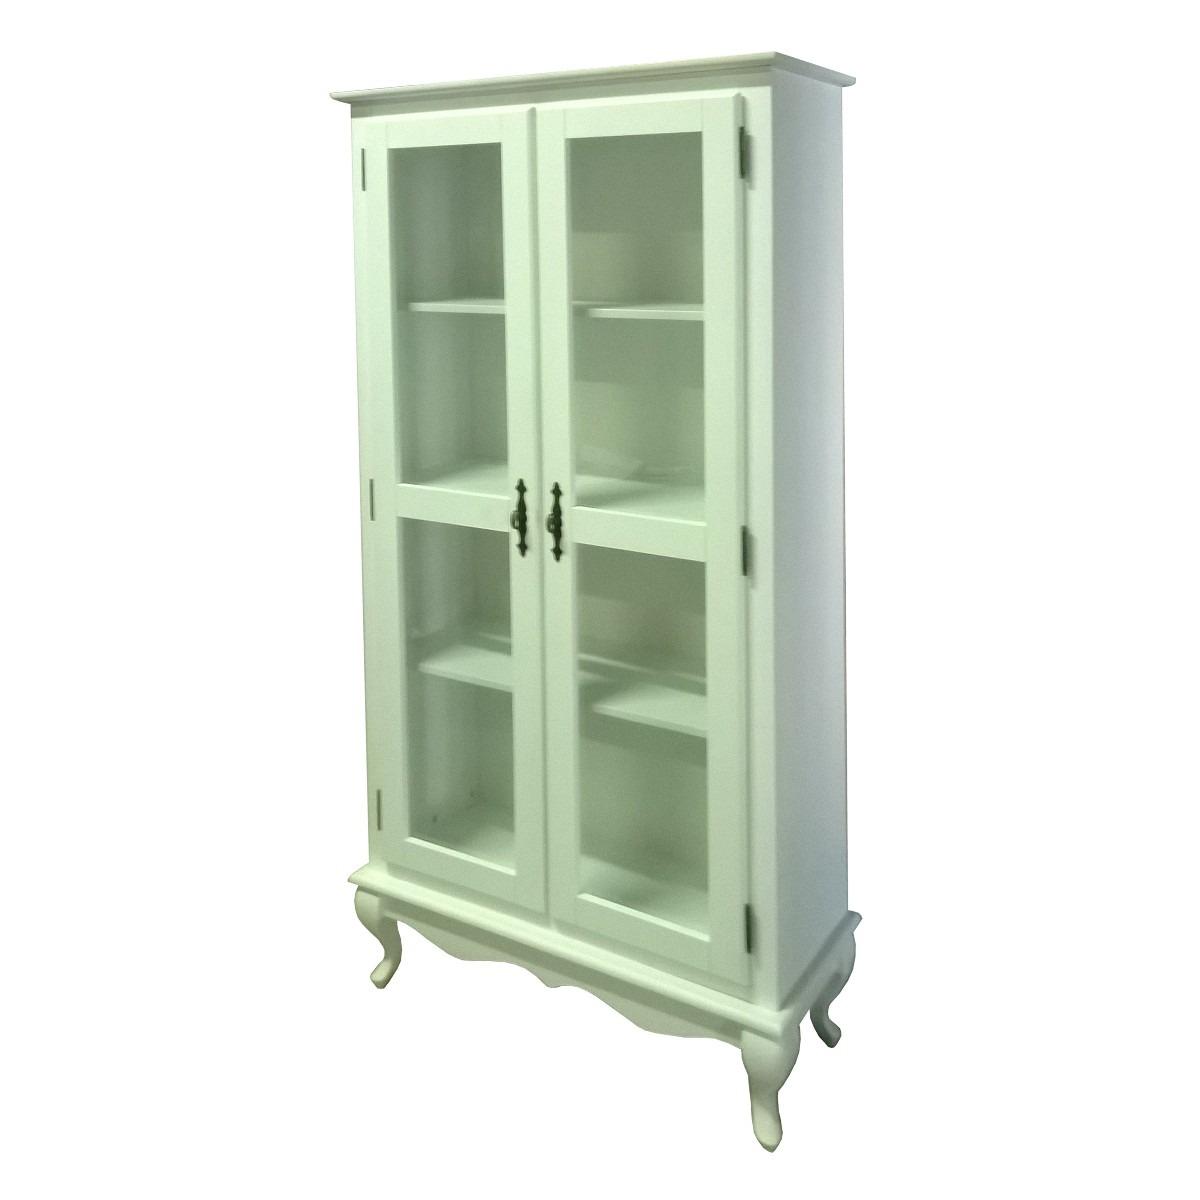 Estante Cristaleira Com Duas Portas De Vidro - R$ 703,50 em Mercado ...